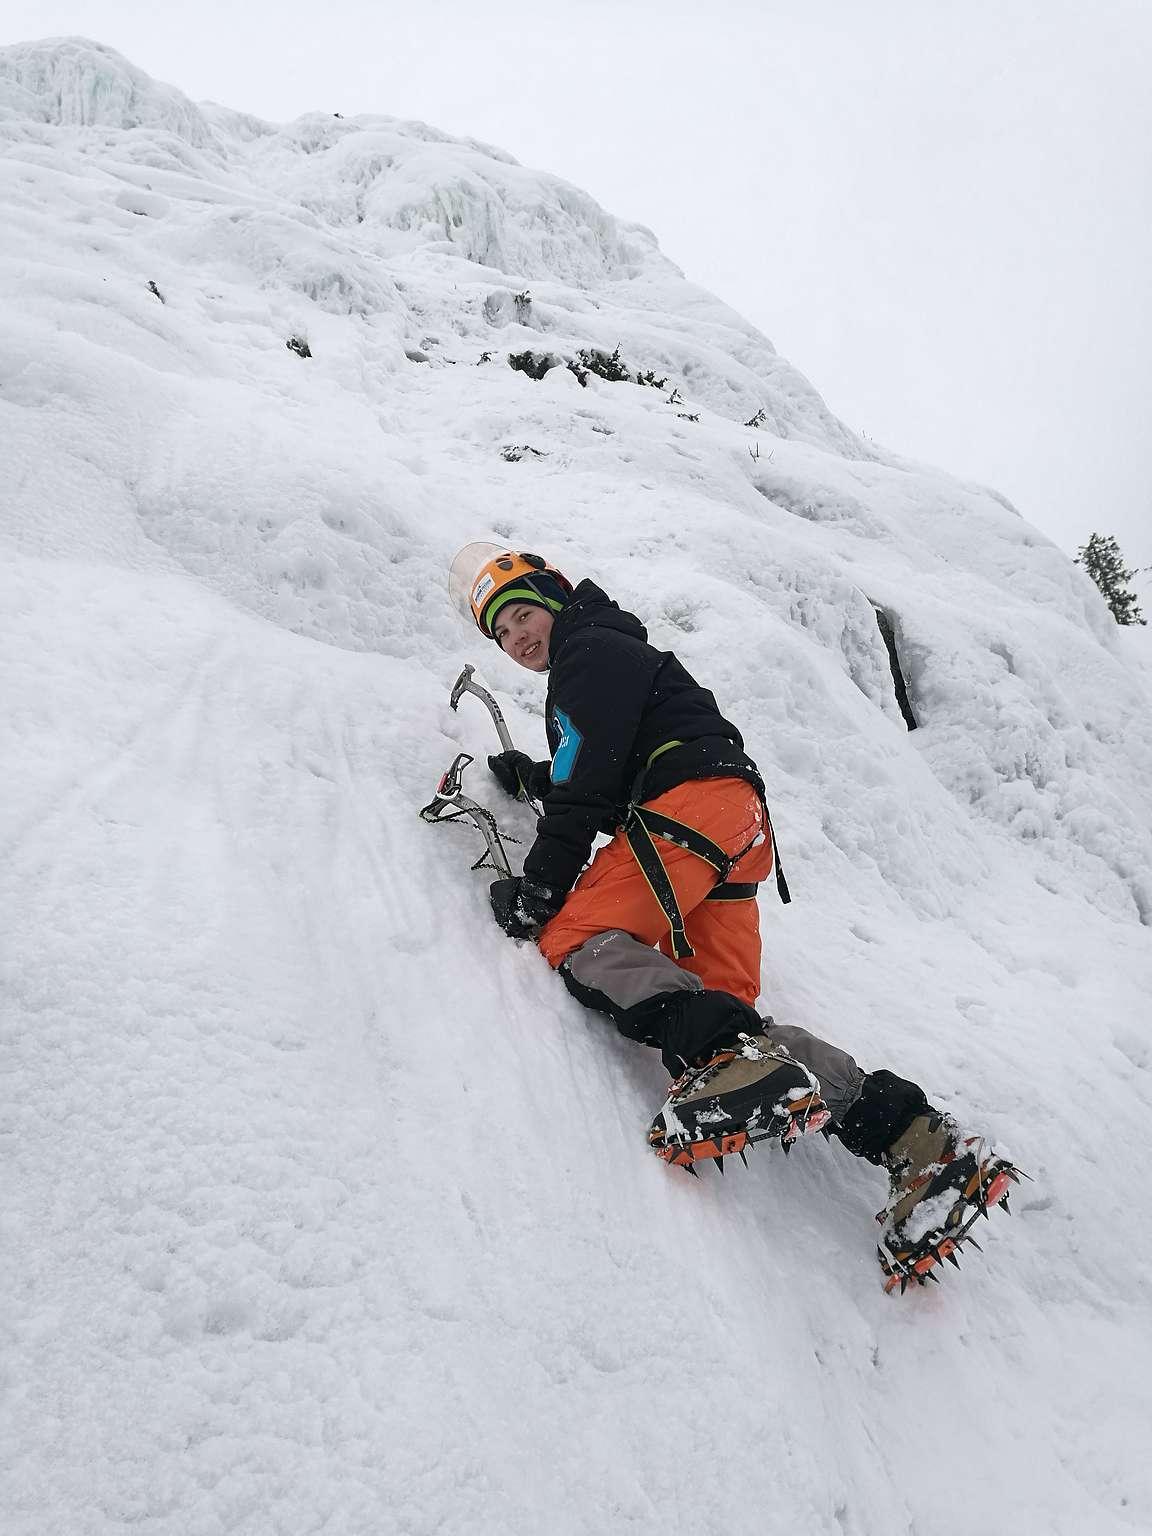 Jääkiipeily Rukalla oli aktiiviloman kohokohtia!